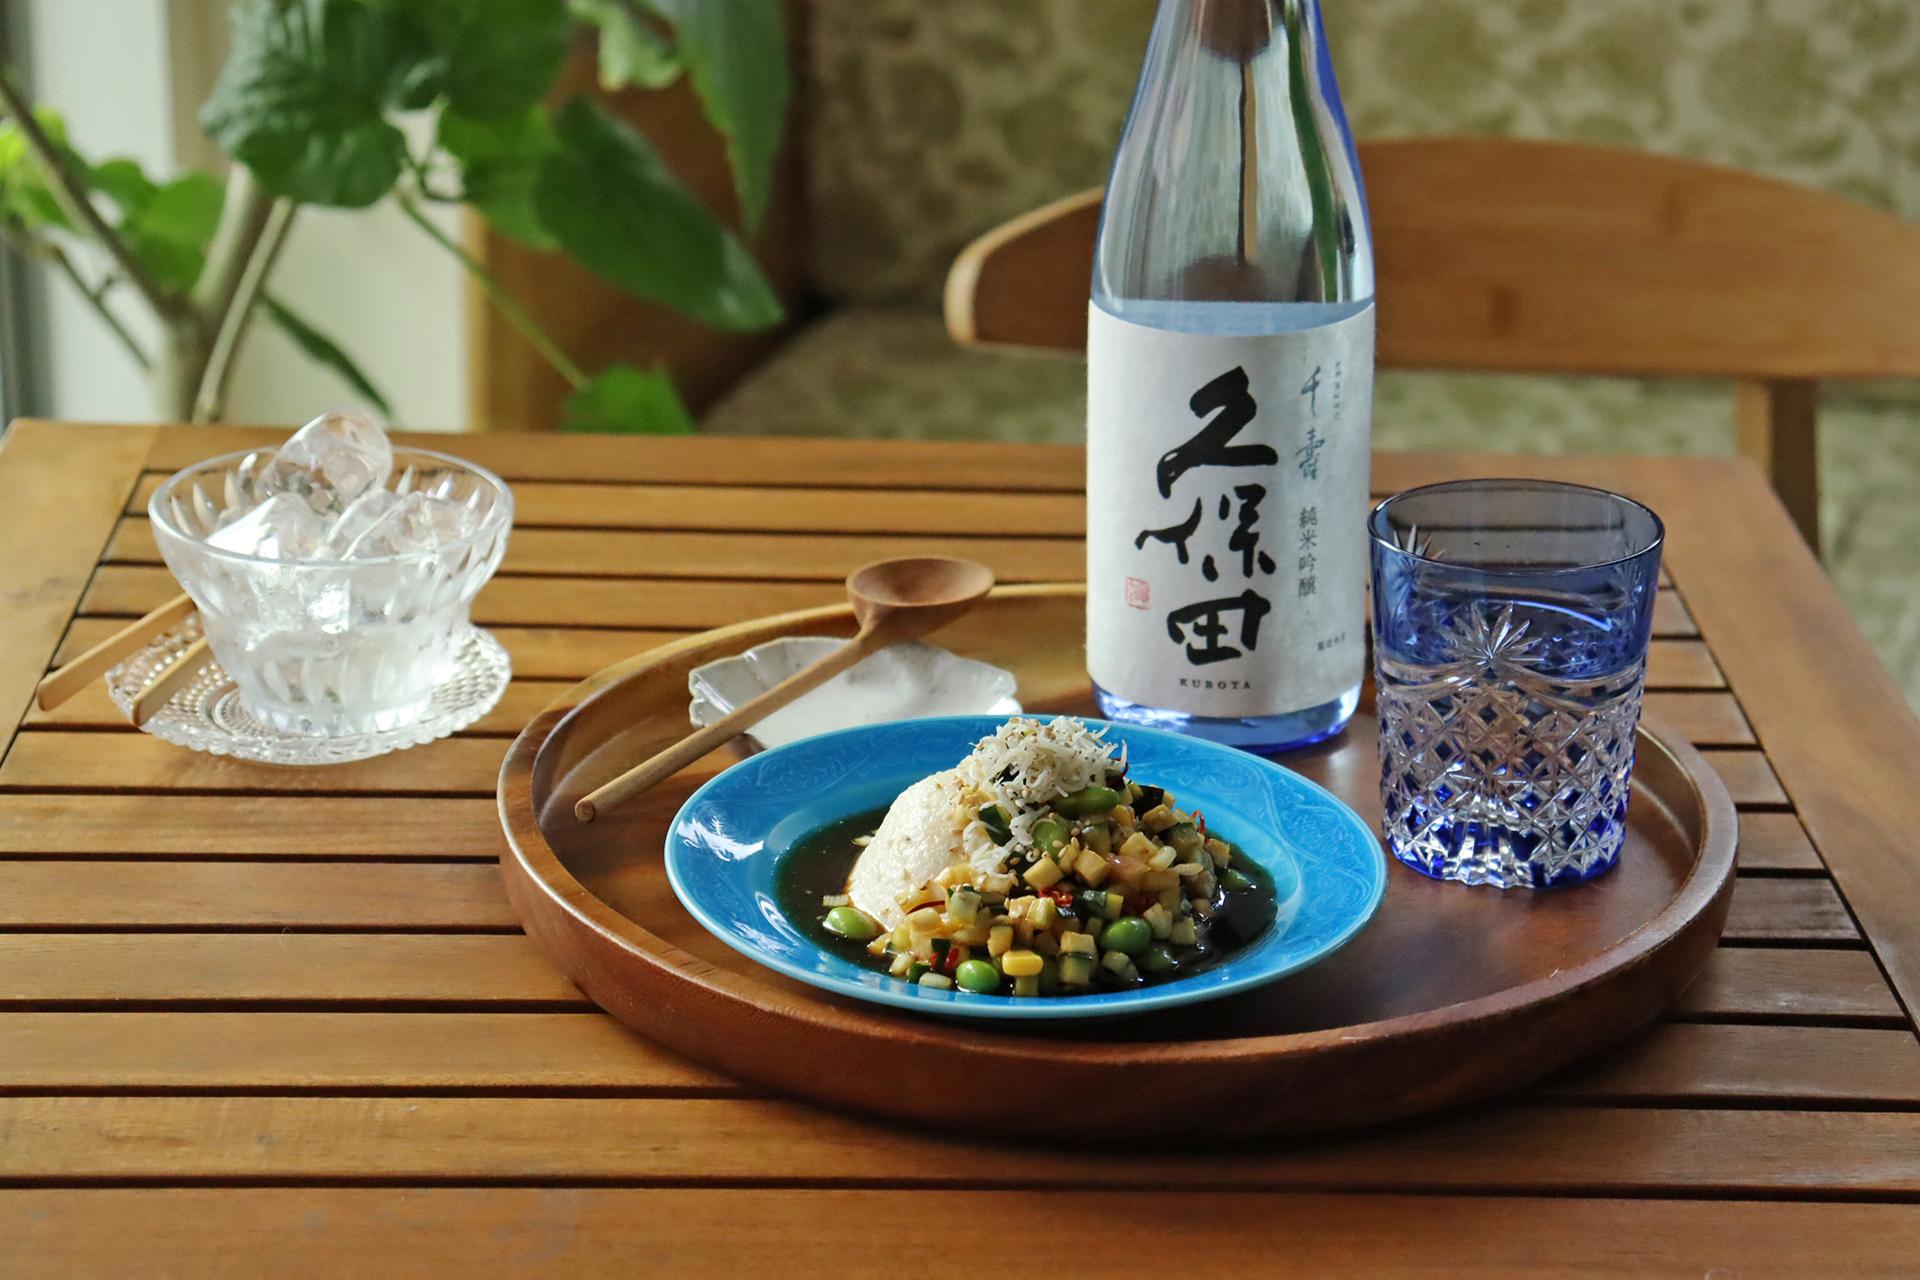 日本酒をもっと楽しむおつまみレシピ|しらすと夏野菜マリネのせ冷奴